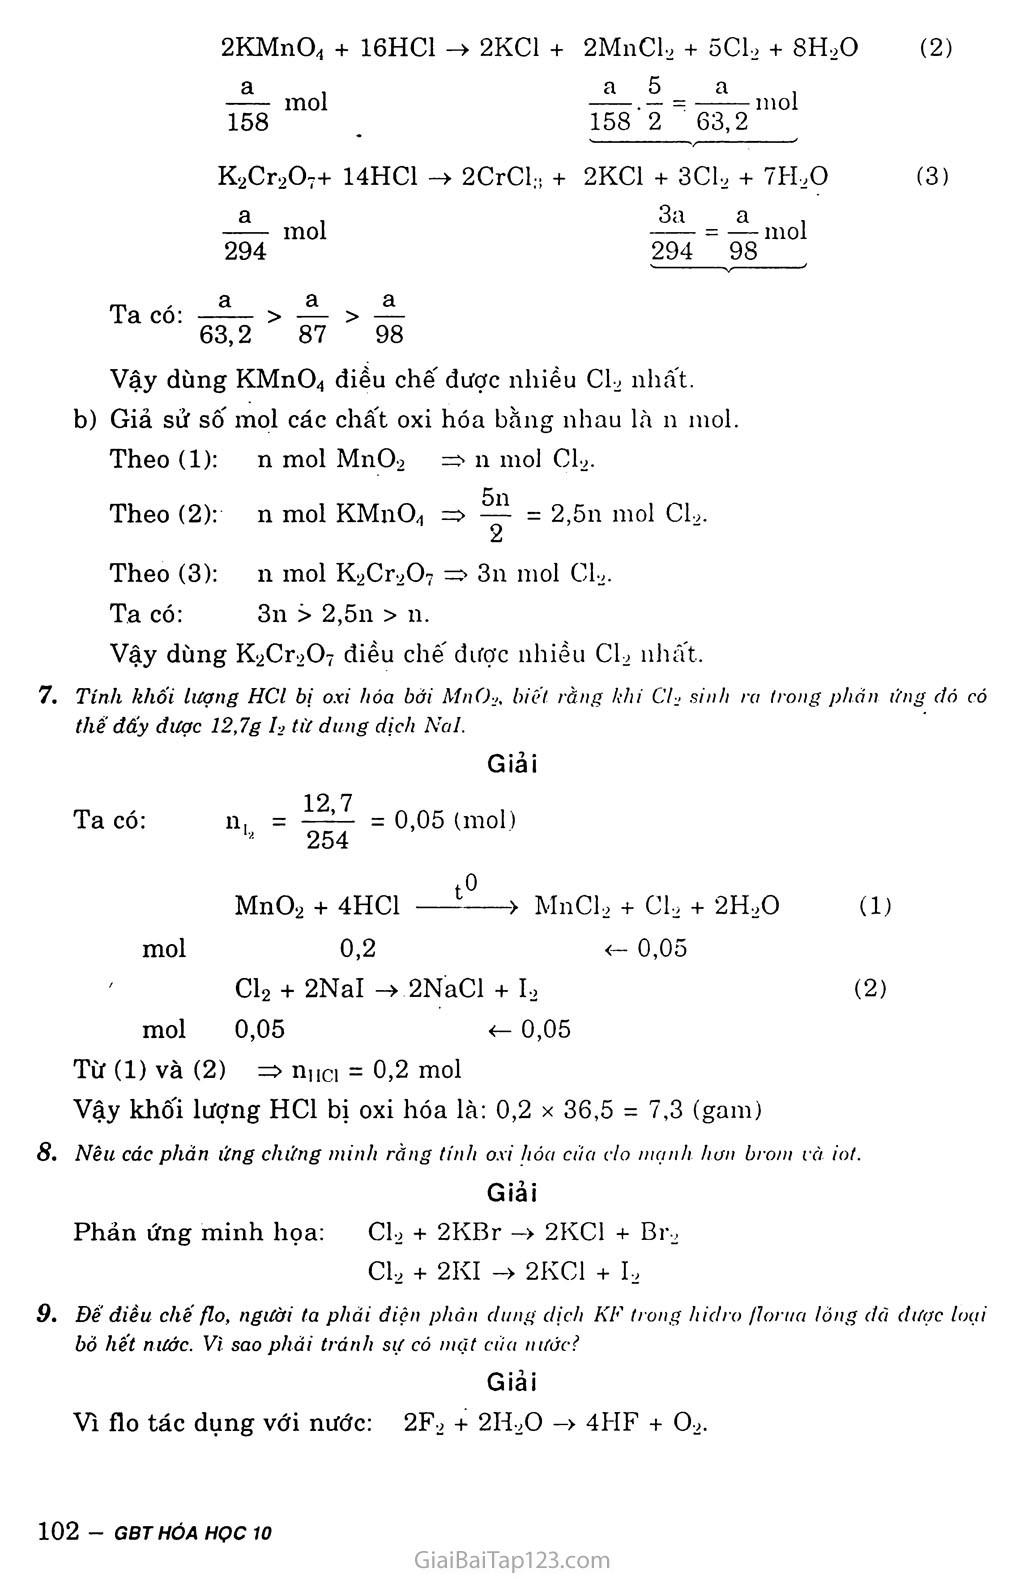 Bài 26: Luyện tập: Nhóm halogen trang 5